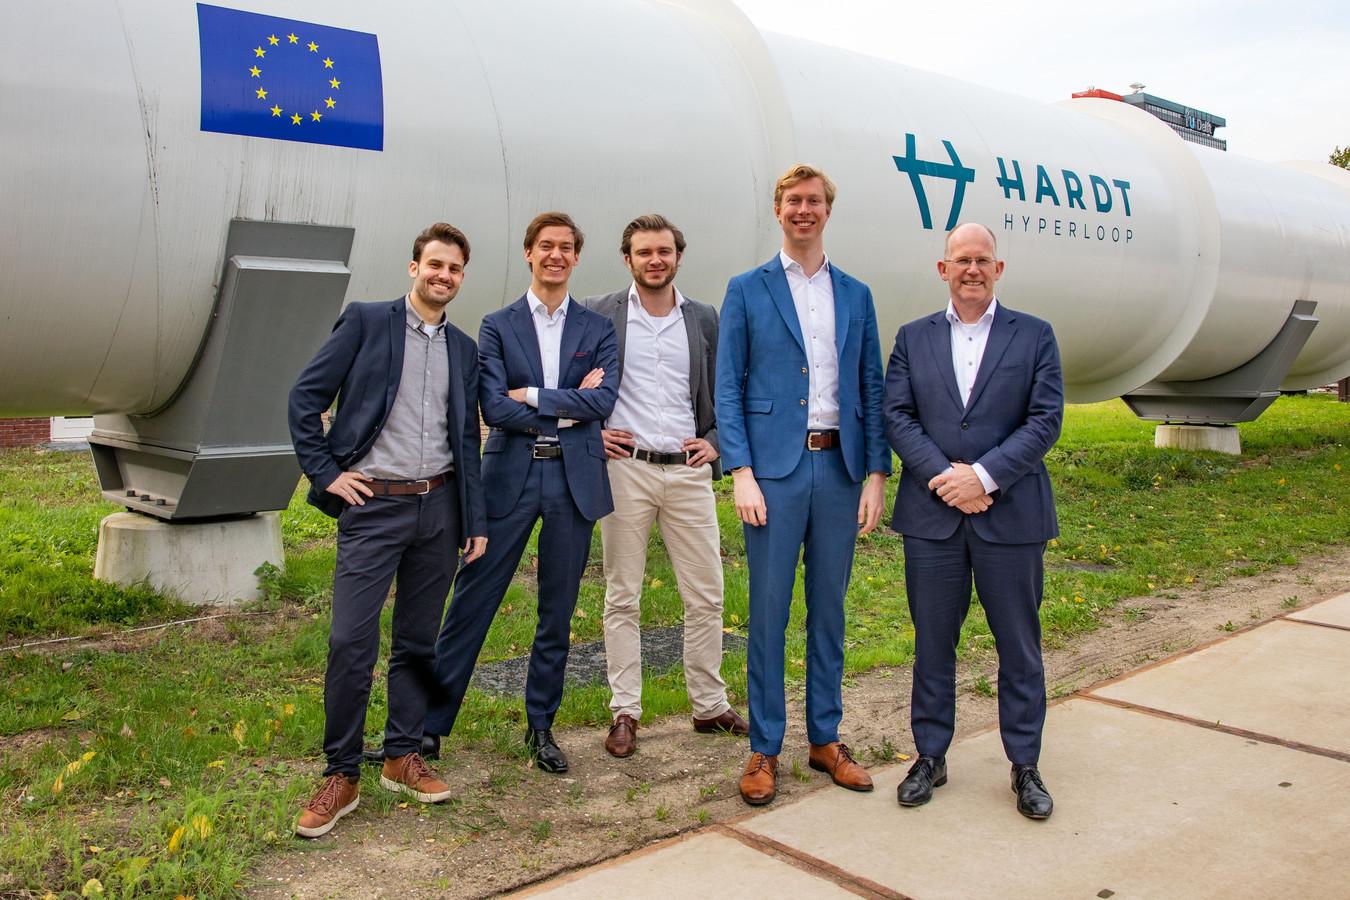 Het team van Hardt Hyperloop met helemaal rechts investeerder Kees Koolen en links van hem Tim Houter